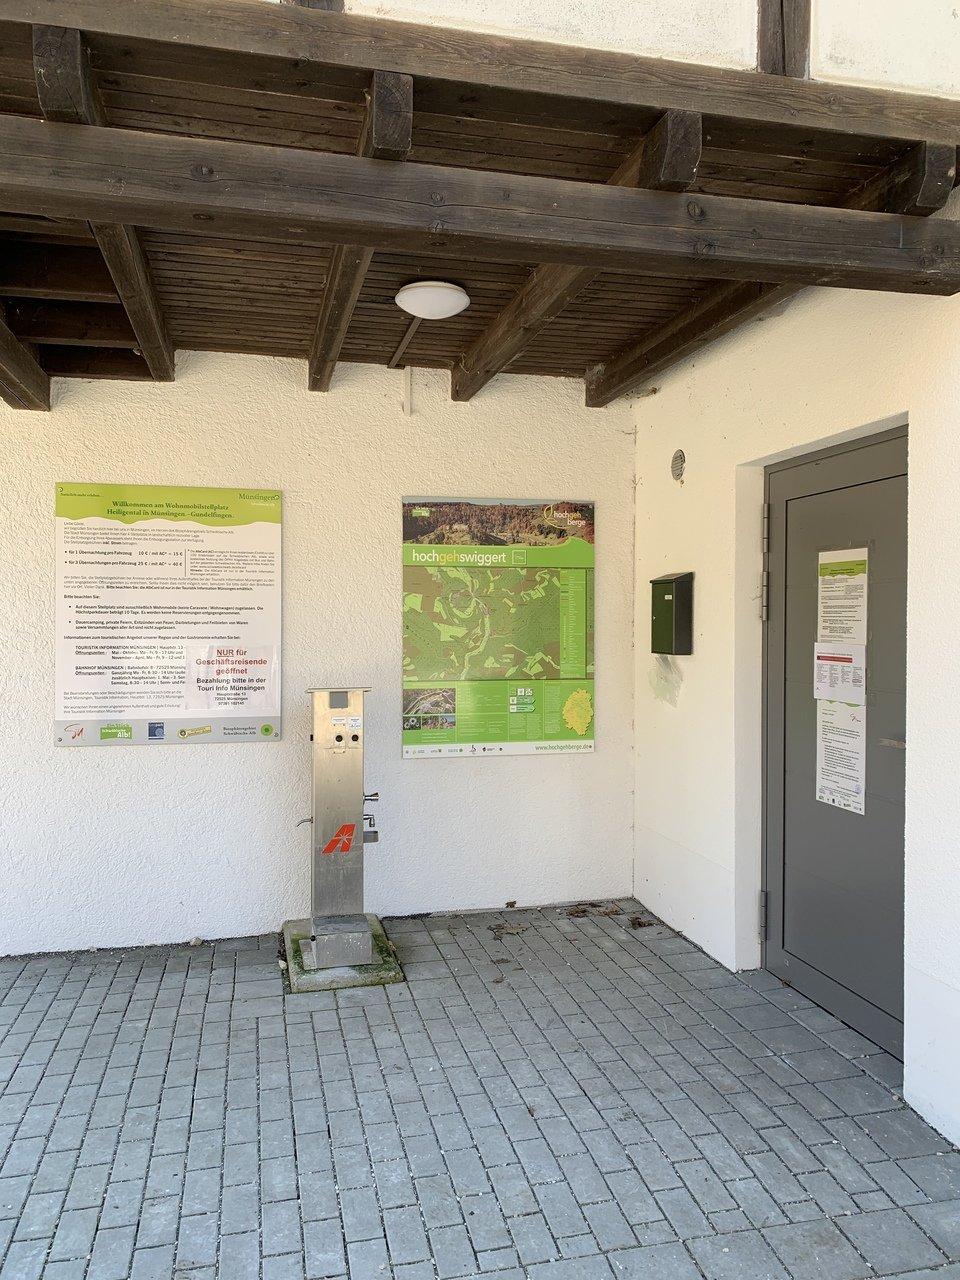 Eine Wandertafel und eine Infotafel sind an einer Hütte an der Wand unter einem Vordach angebracht. Dazwischen steht eine Entsorgungsstation für Wohnmobile.